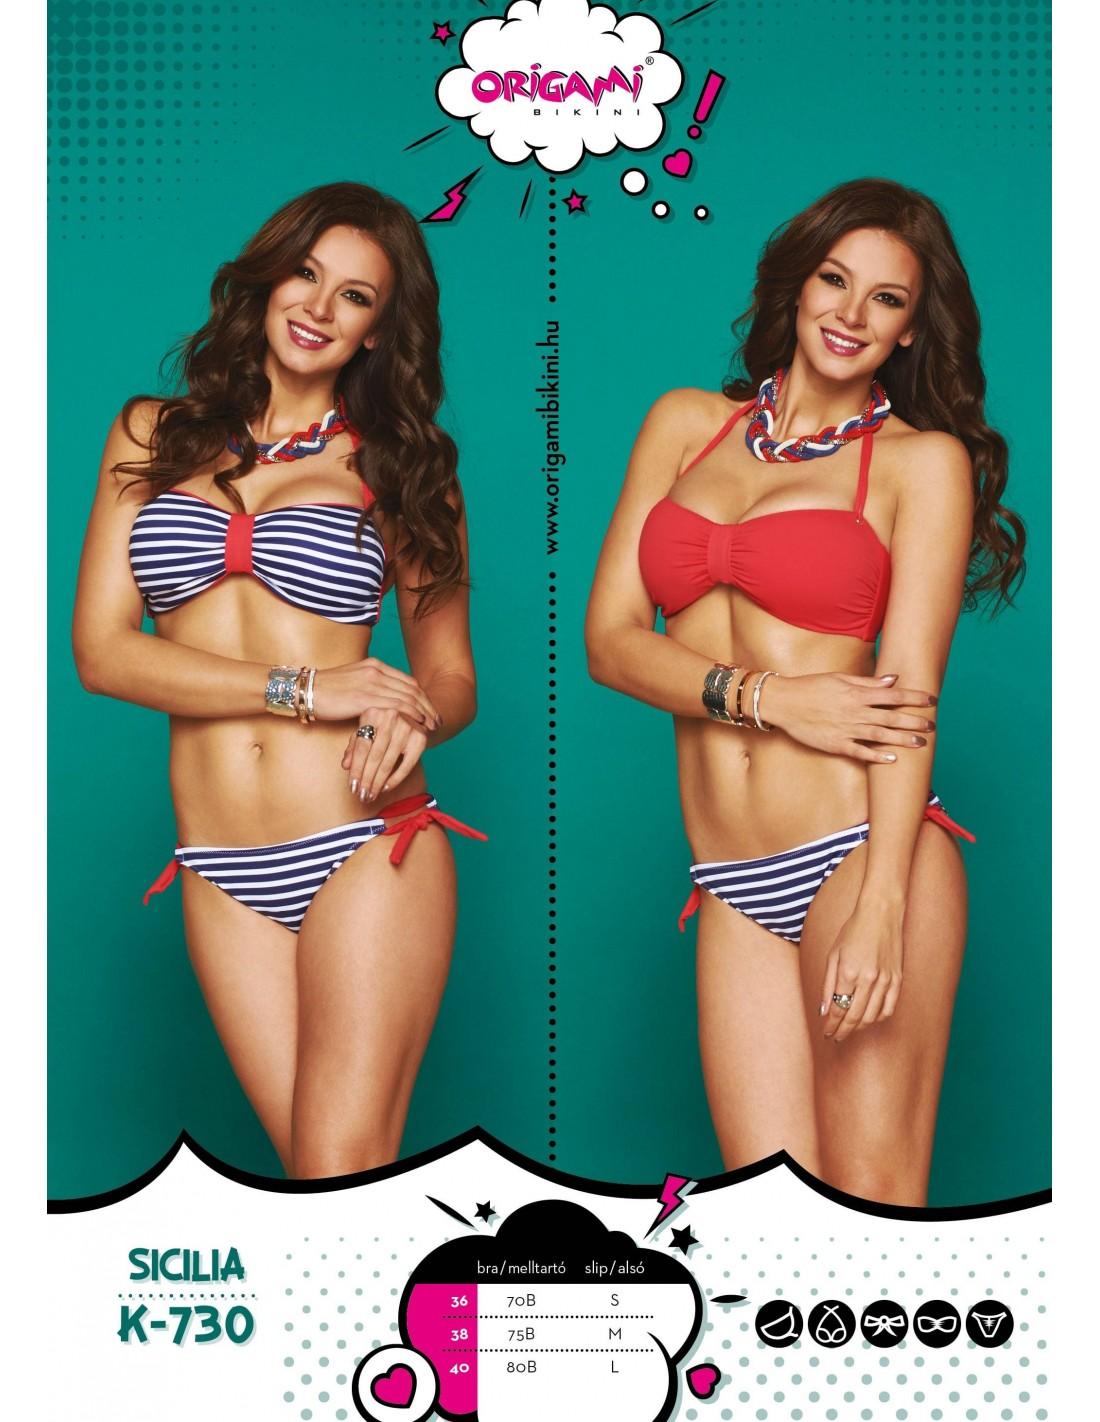 Origami Bikini Sicilia K-730 Méret 80B   L   40 7c80445dc5